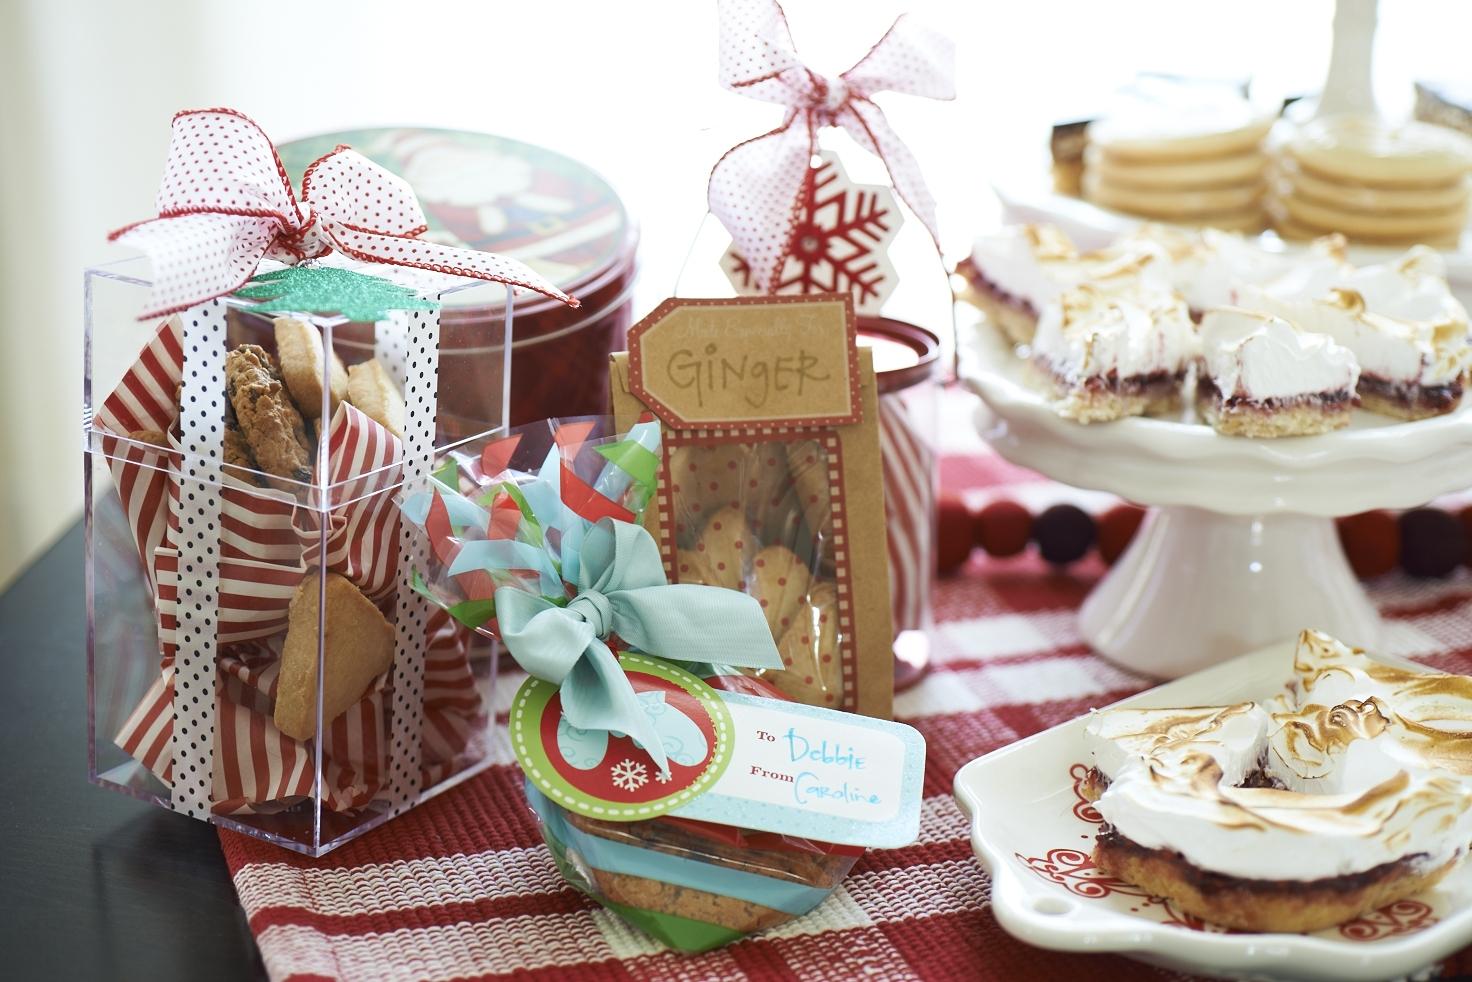 martie-duncan-santa-cookie-workshop-31339.jpg